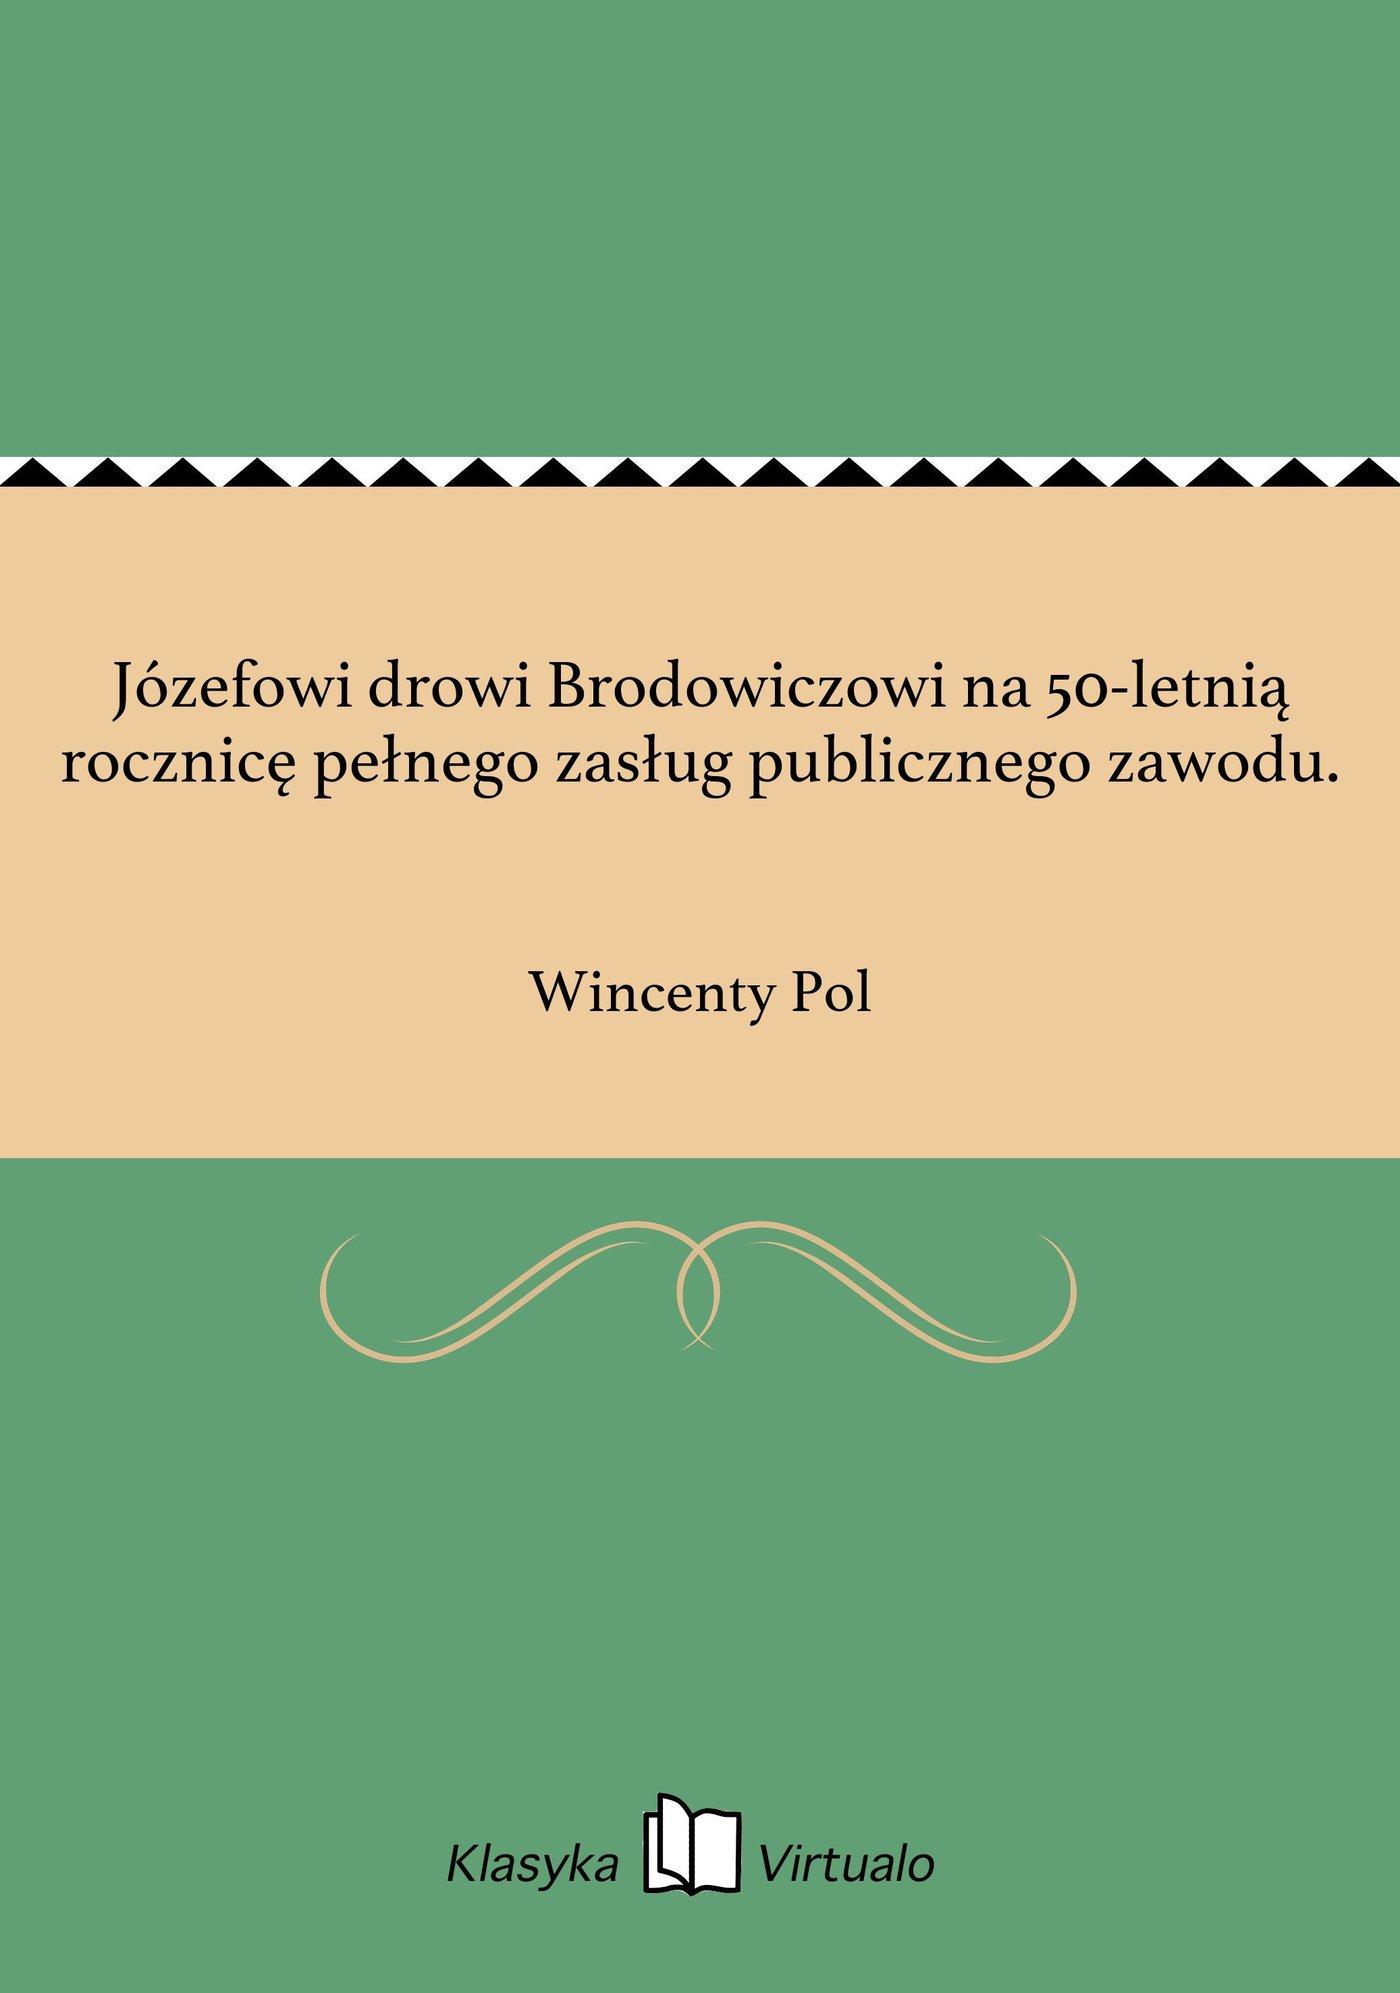 Józefowi drowi Brodowiczowi na 50-letnią rocznicę pełnego zasług publicznego zawodu. - Ebook (Książka EPUB) do pobrania w formacie EPUB